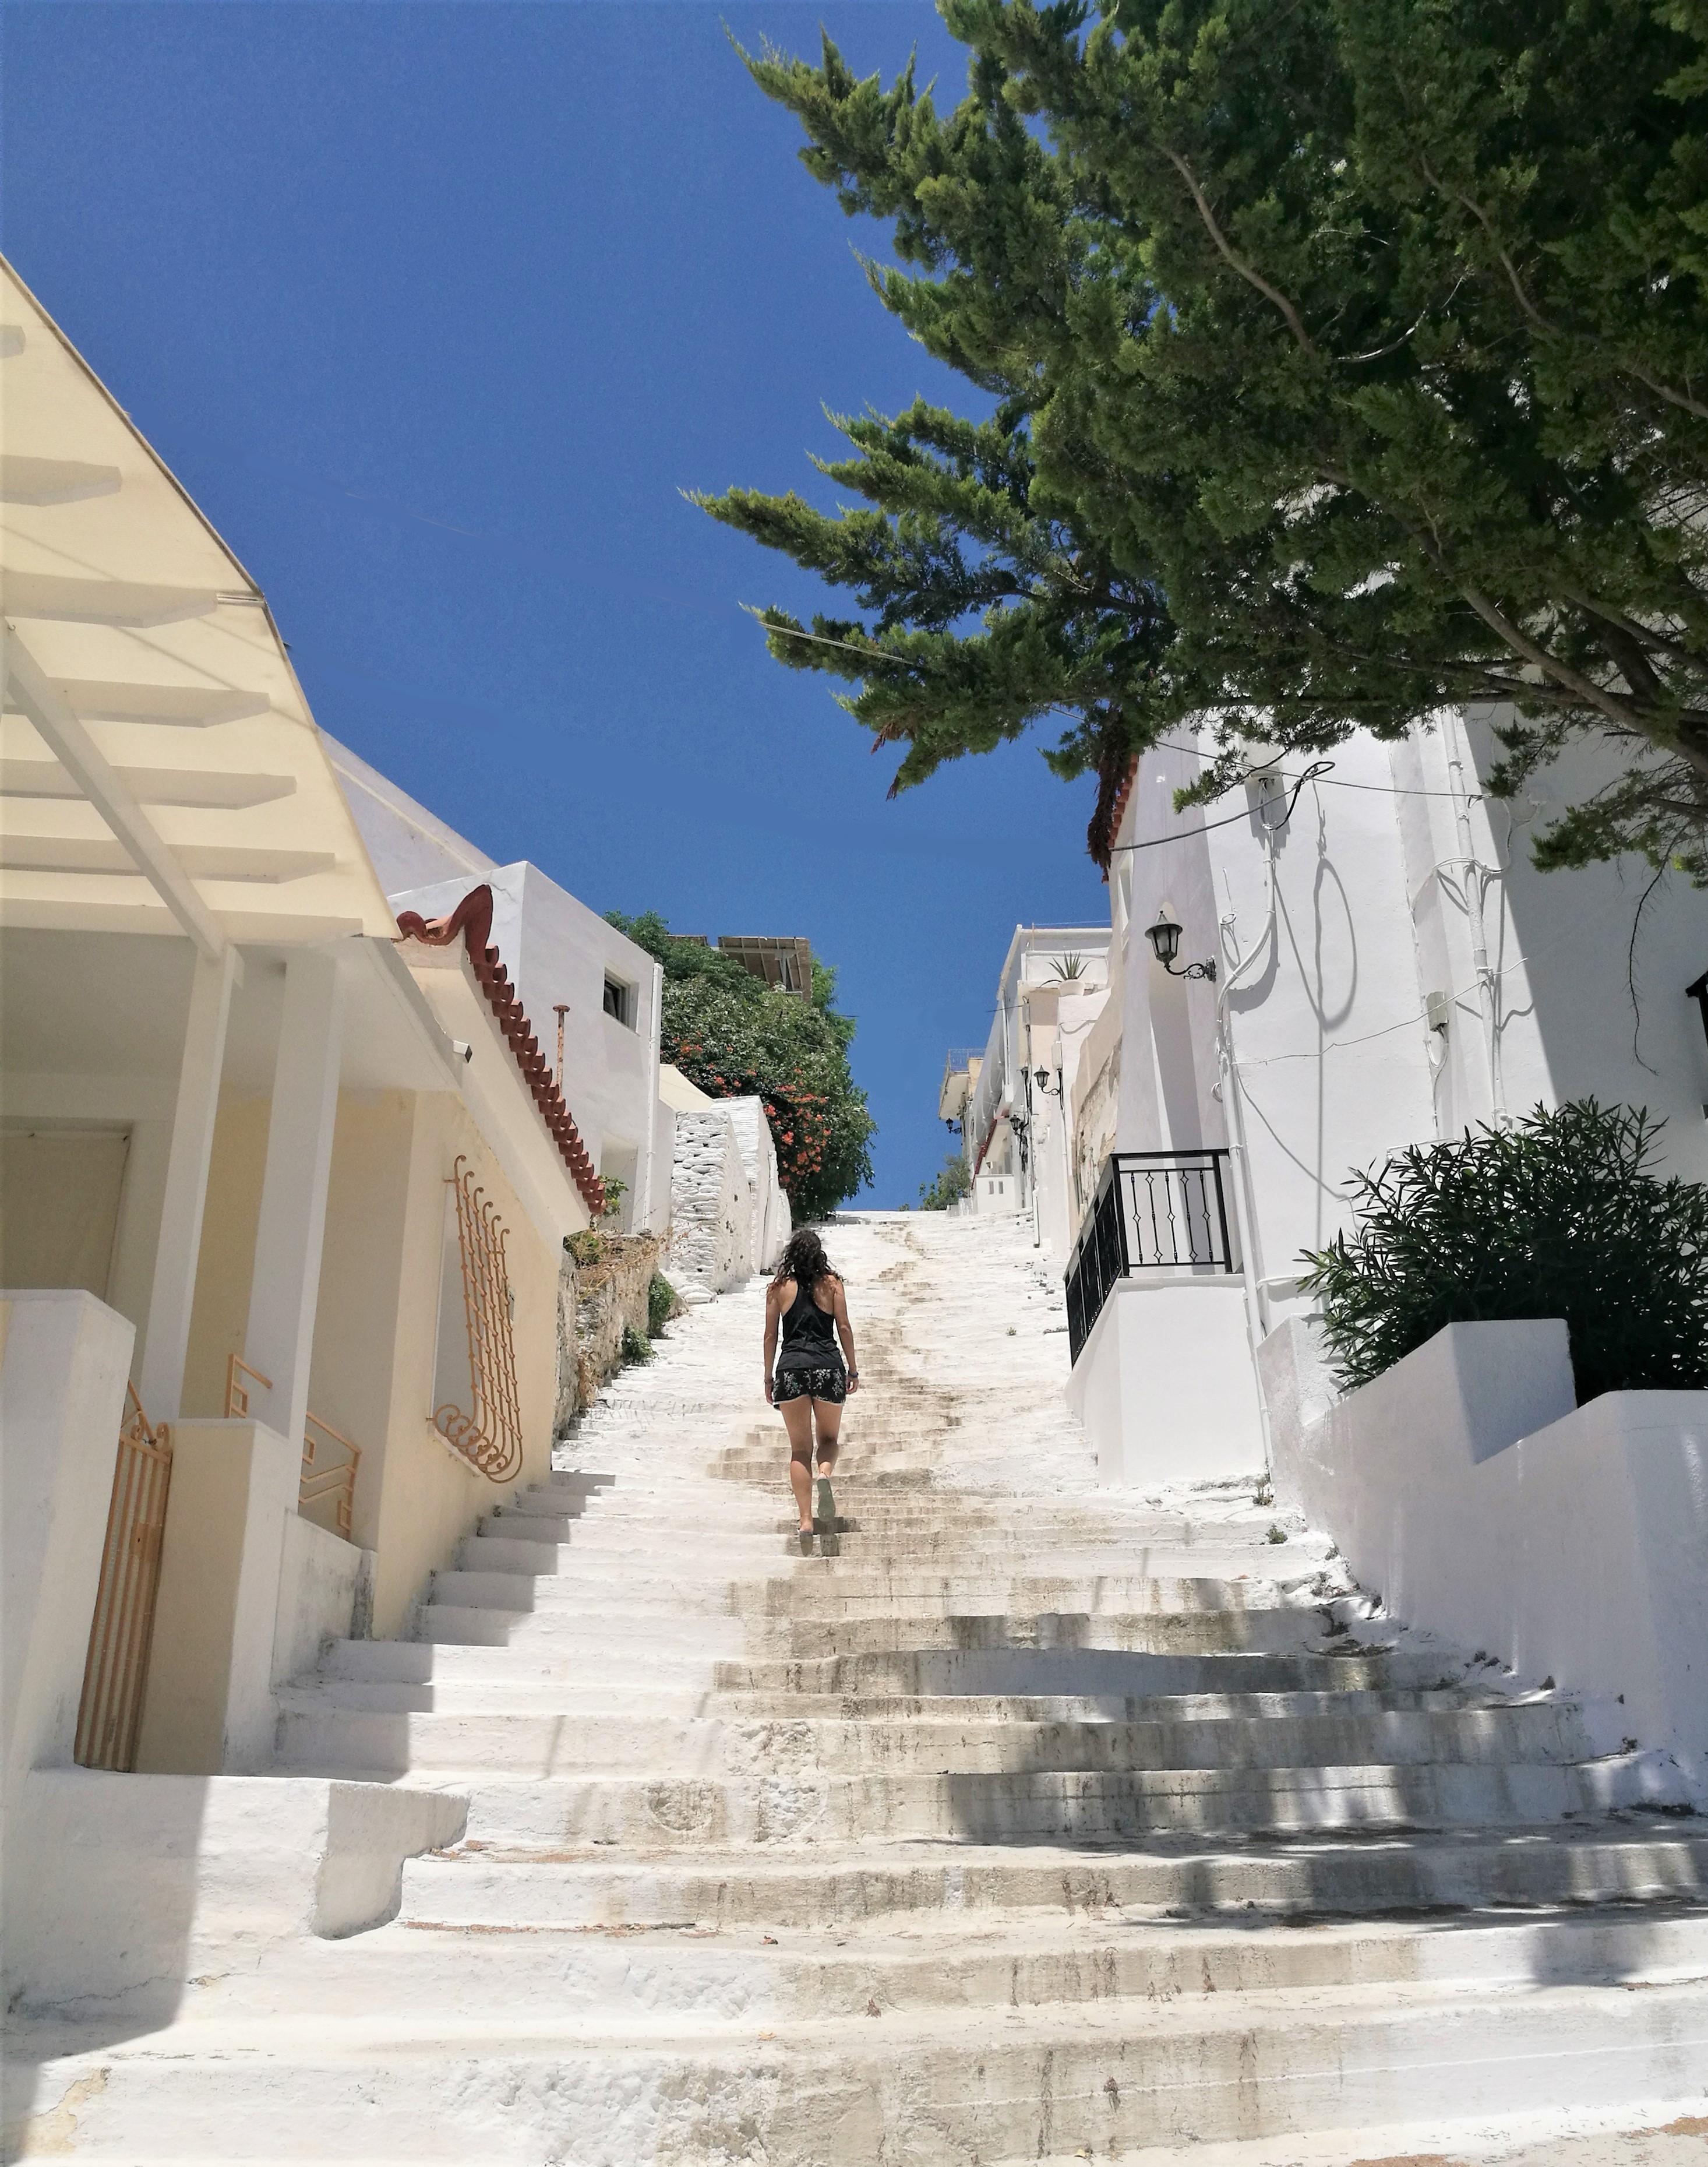 Chora-Andros-Greece-12